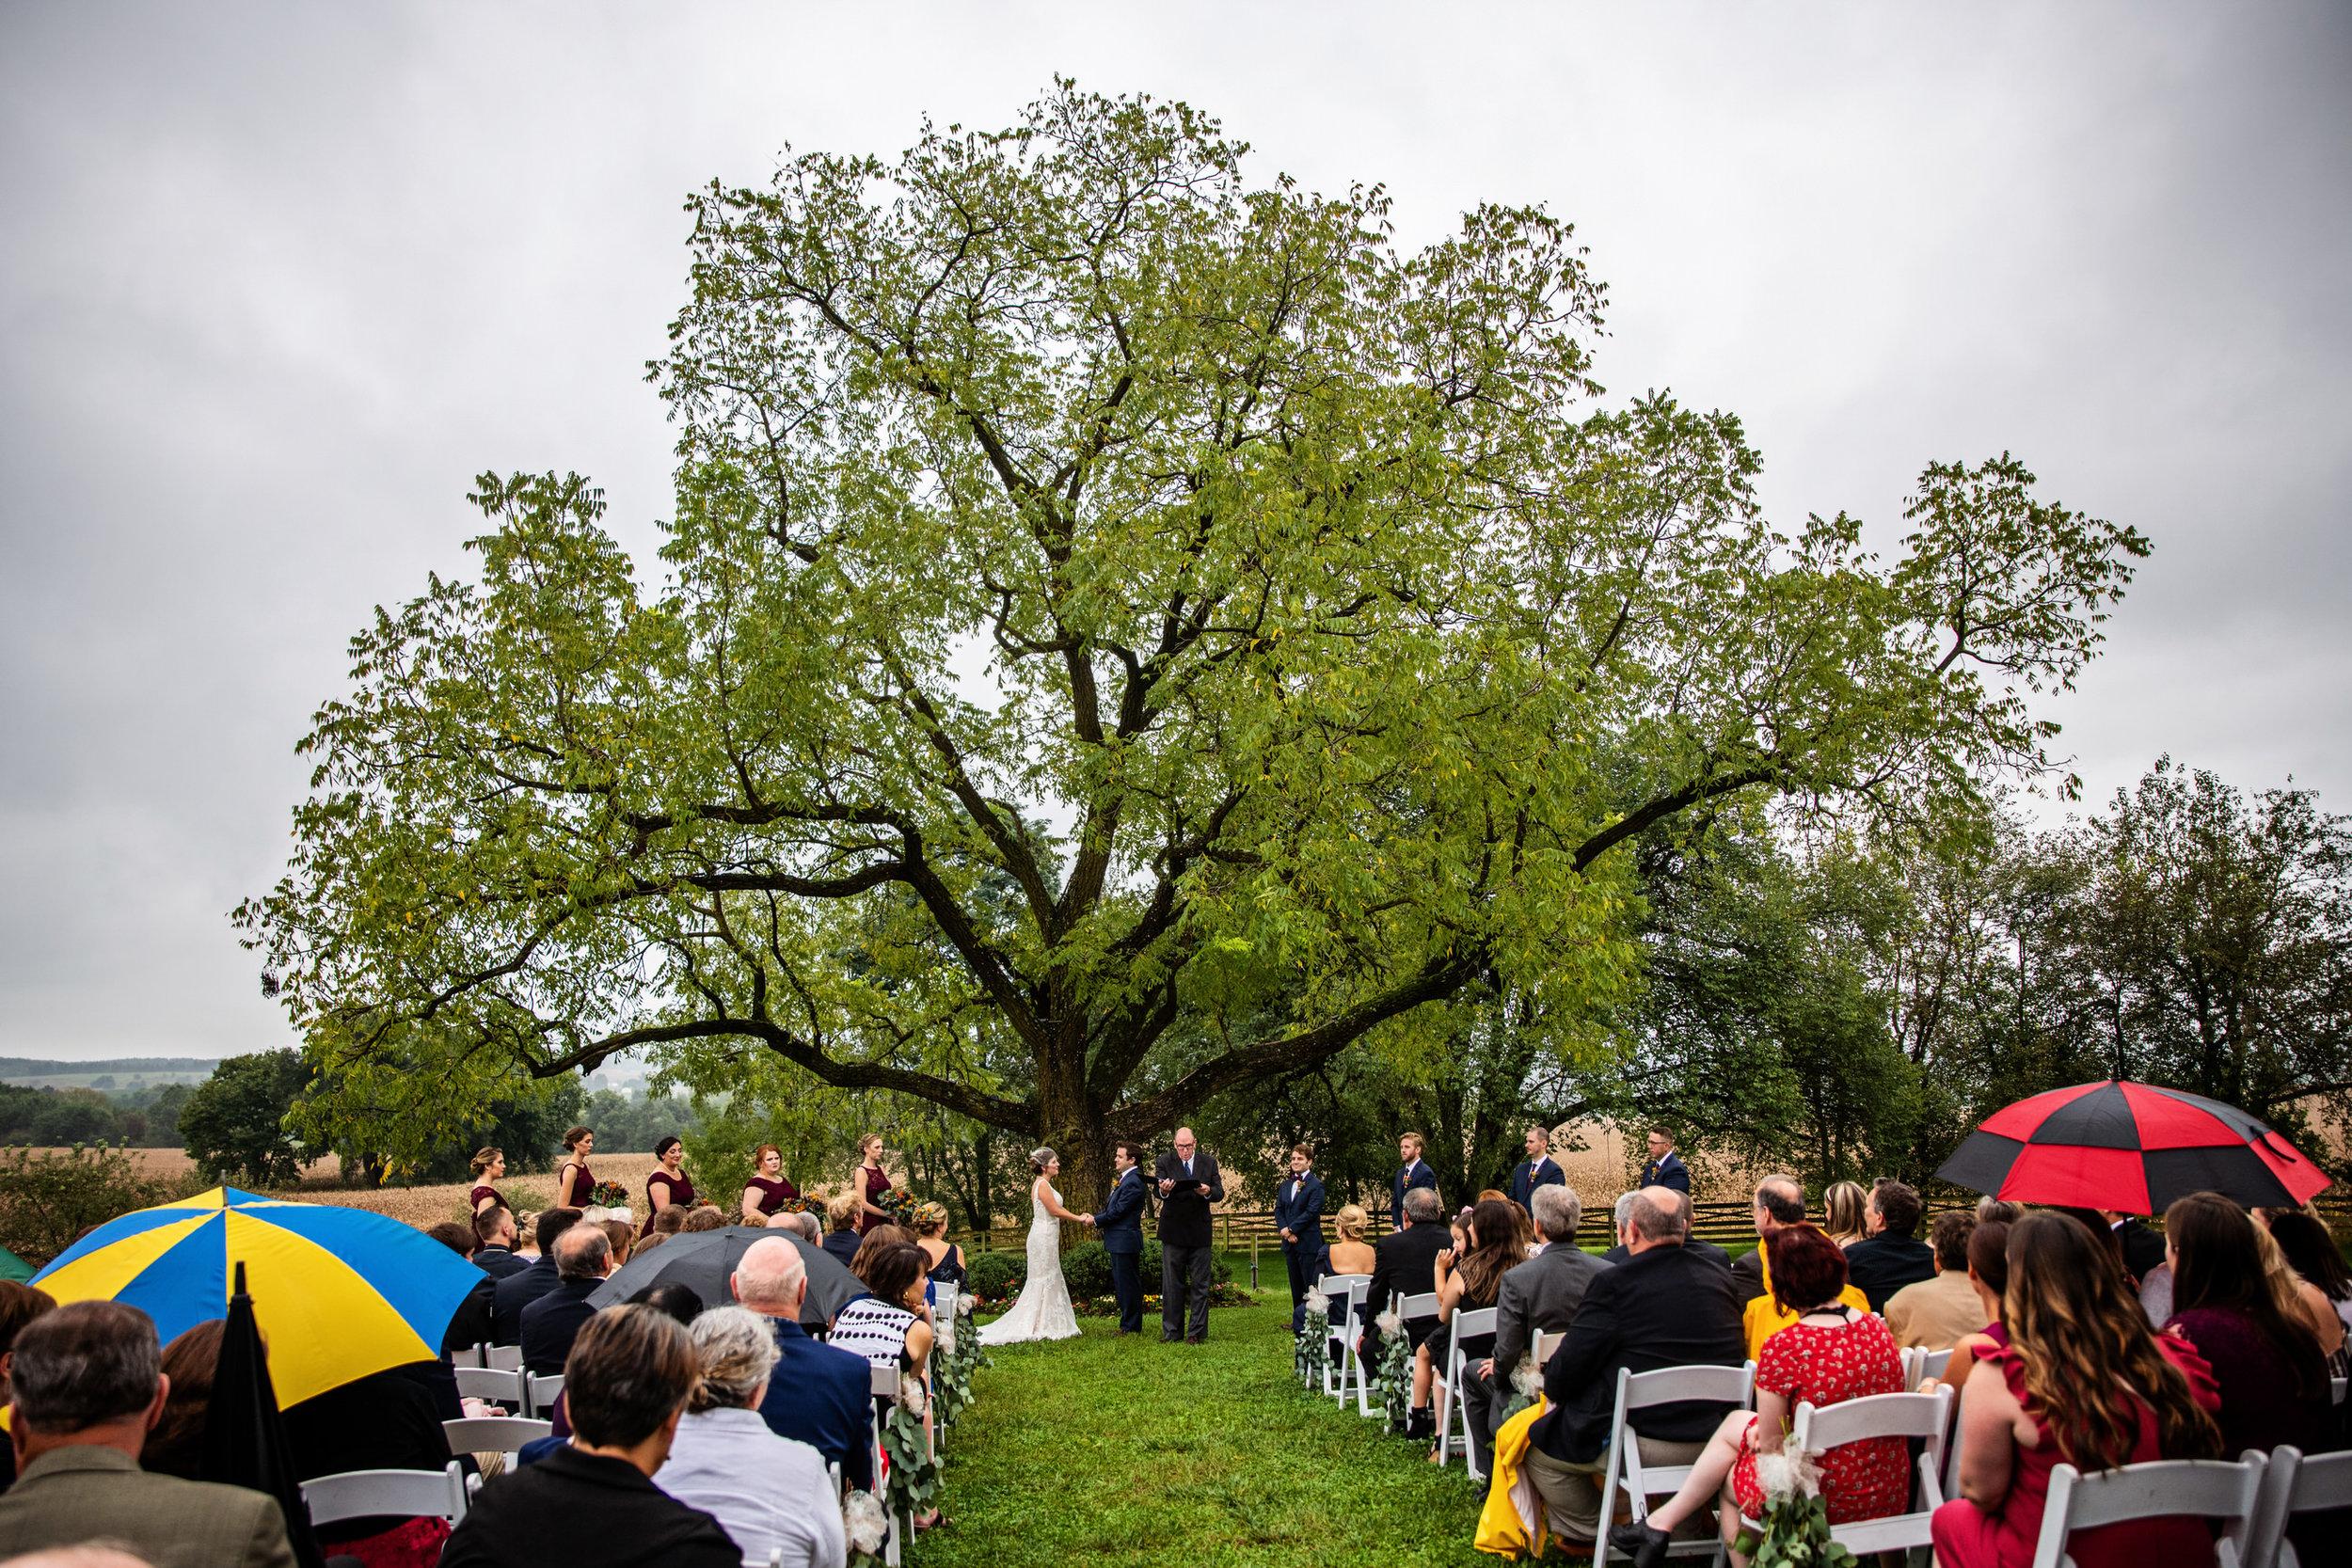 WalkersOverlookWedding-Angela&Ben-Ceremony-4.jpg